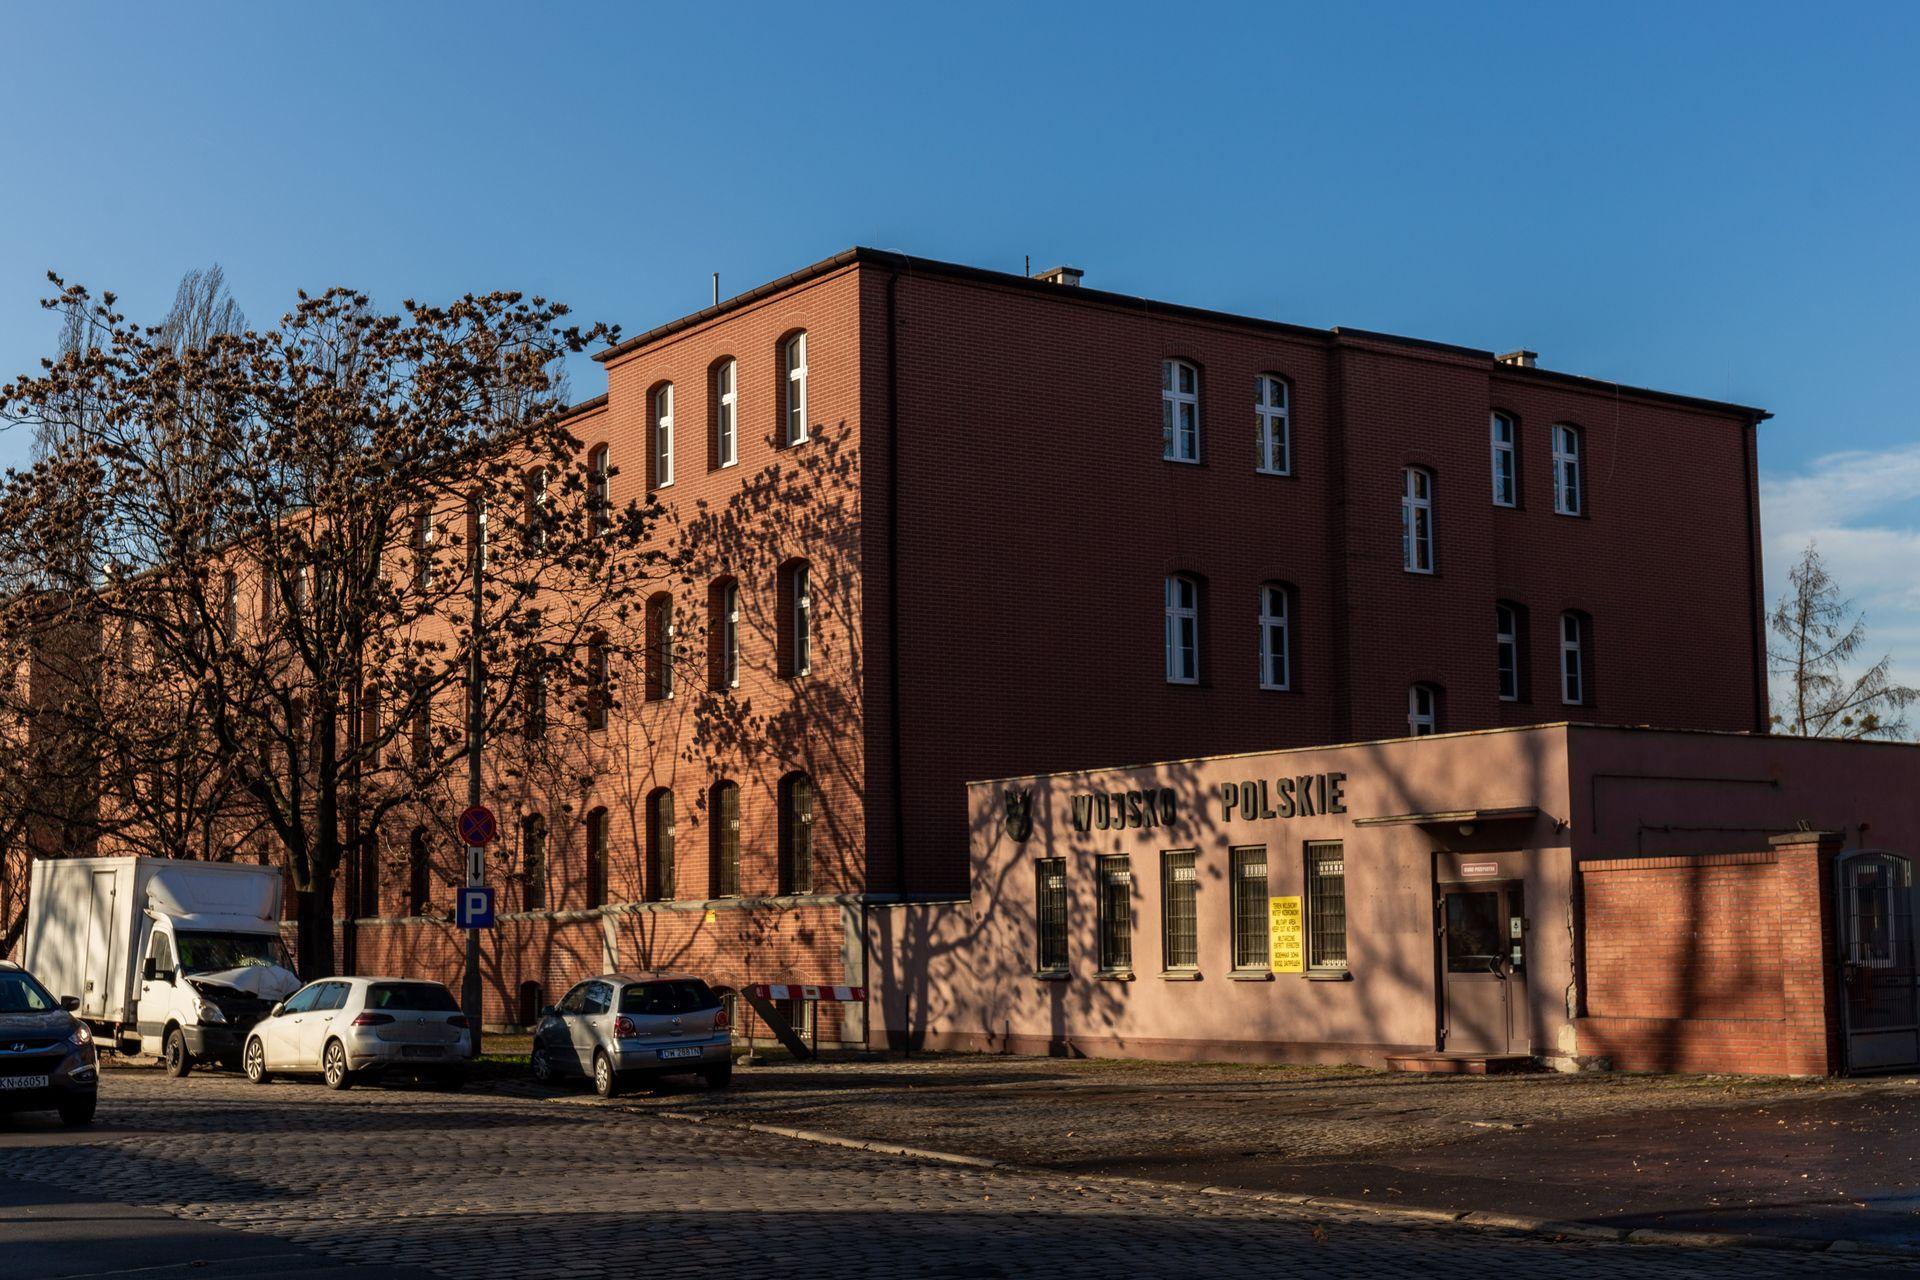 Wrocław: AMW przebuduje budynki dawnej, zabytkowej jednostki wojskowej na Szczepinie. Przeniesie tam siedzibę